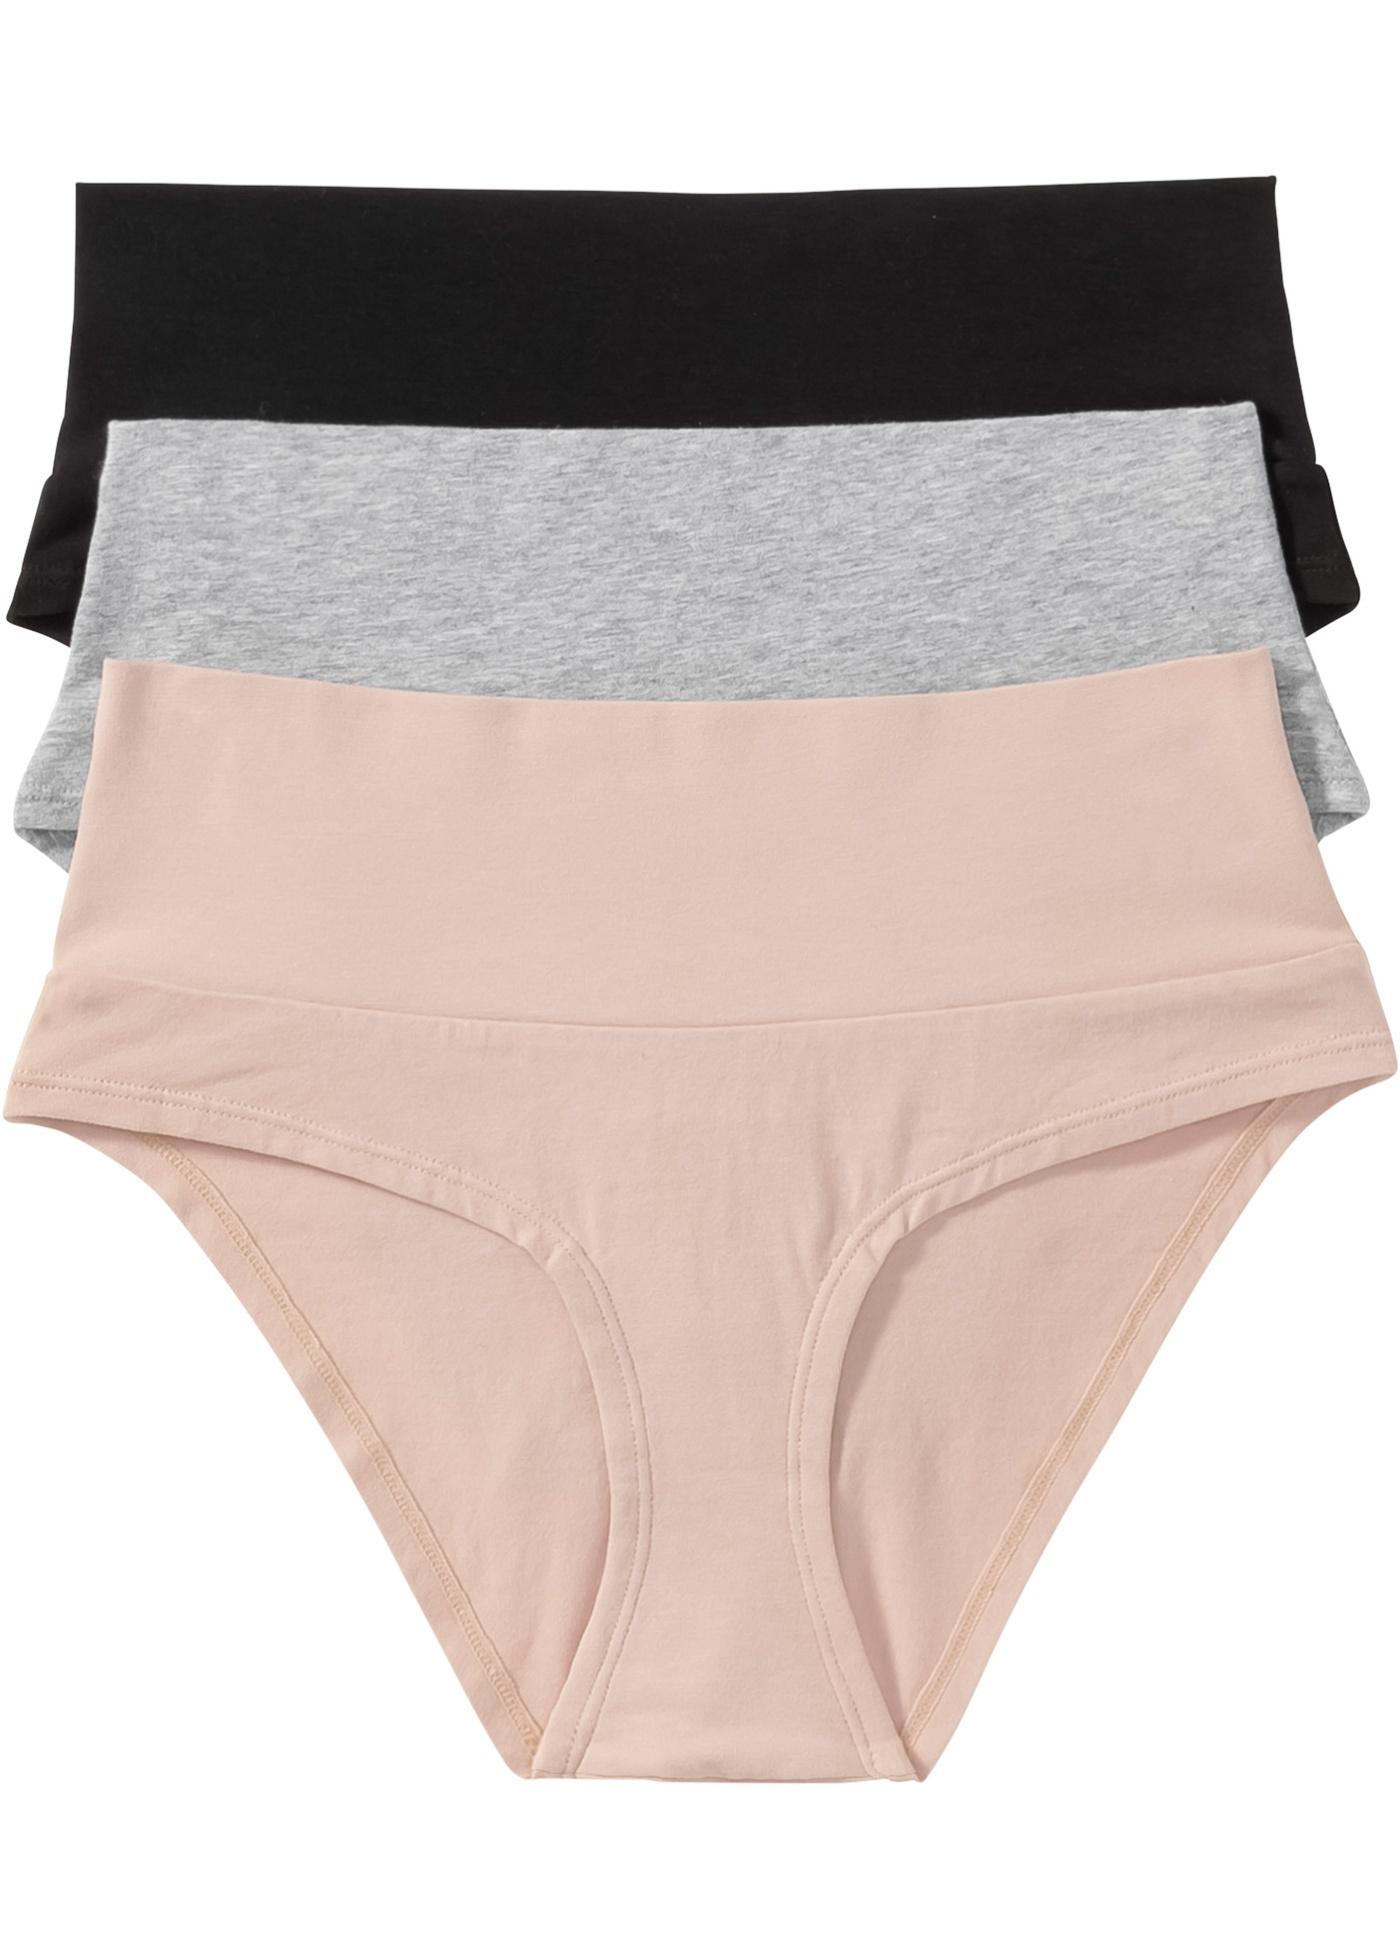 Panty (pacco da 3) in cotone biologico (Nero) - bpc bonprix collection - Nice Size